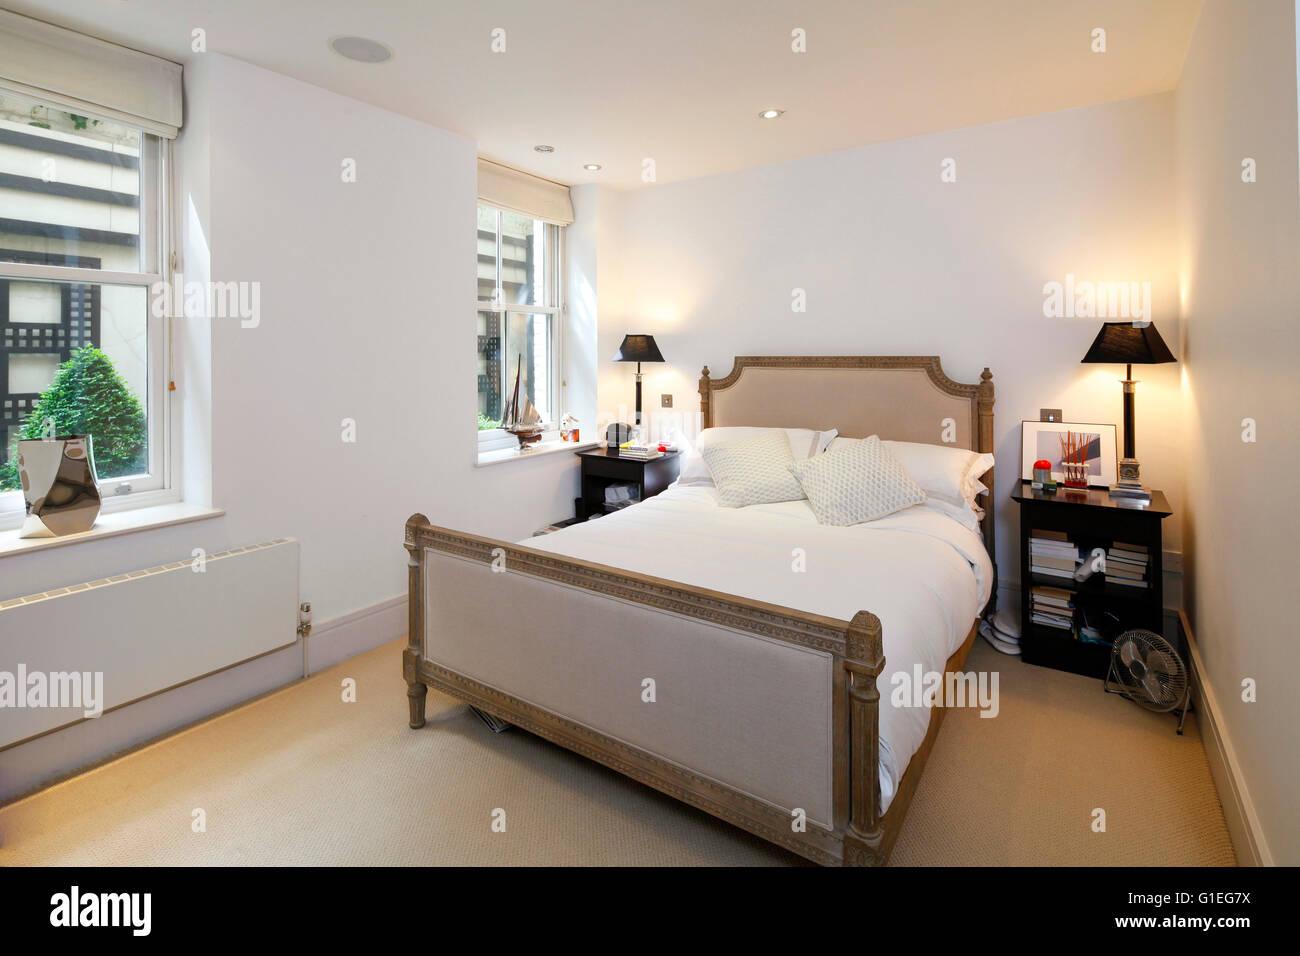 Bedford Gardens, Kensington. Schlafzimmer mit weißen Wänden und Holzböden. Traditionelle Möbel. Stockbild